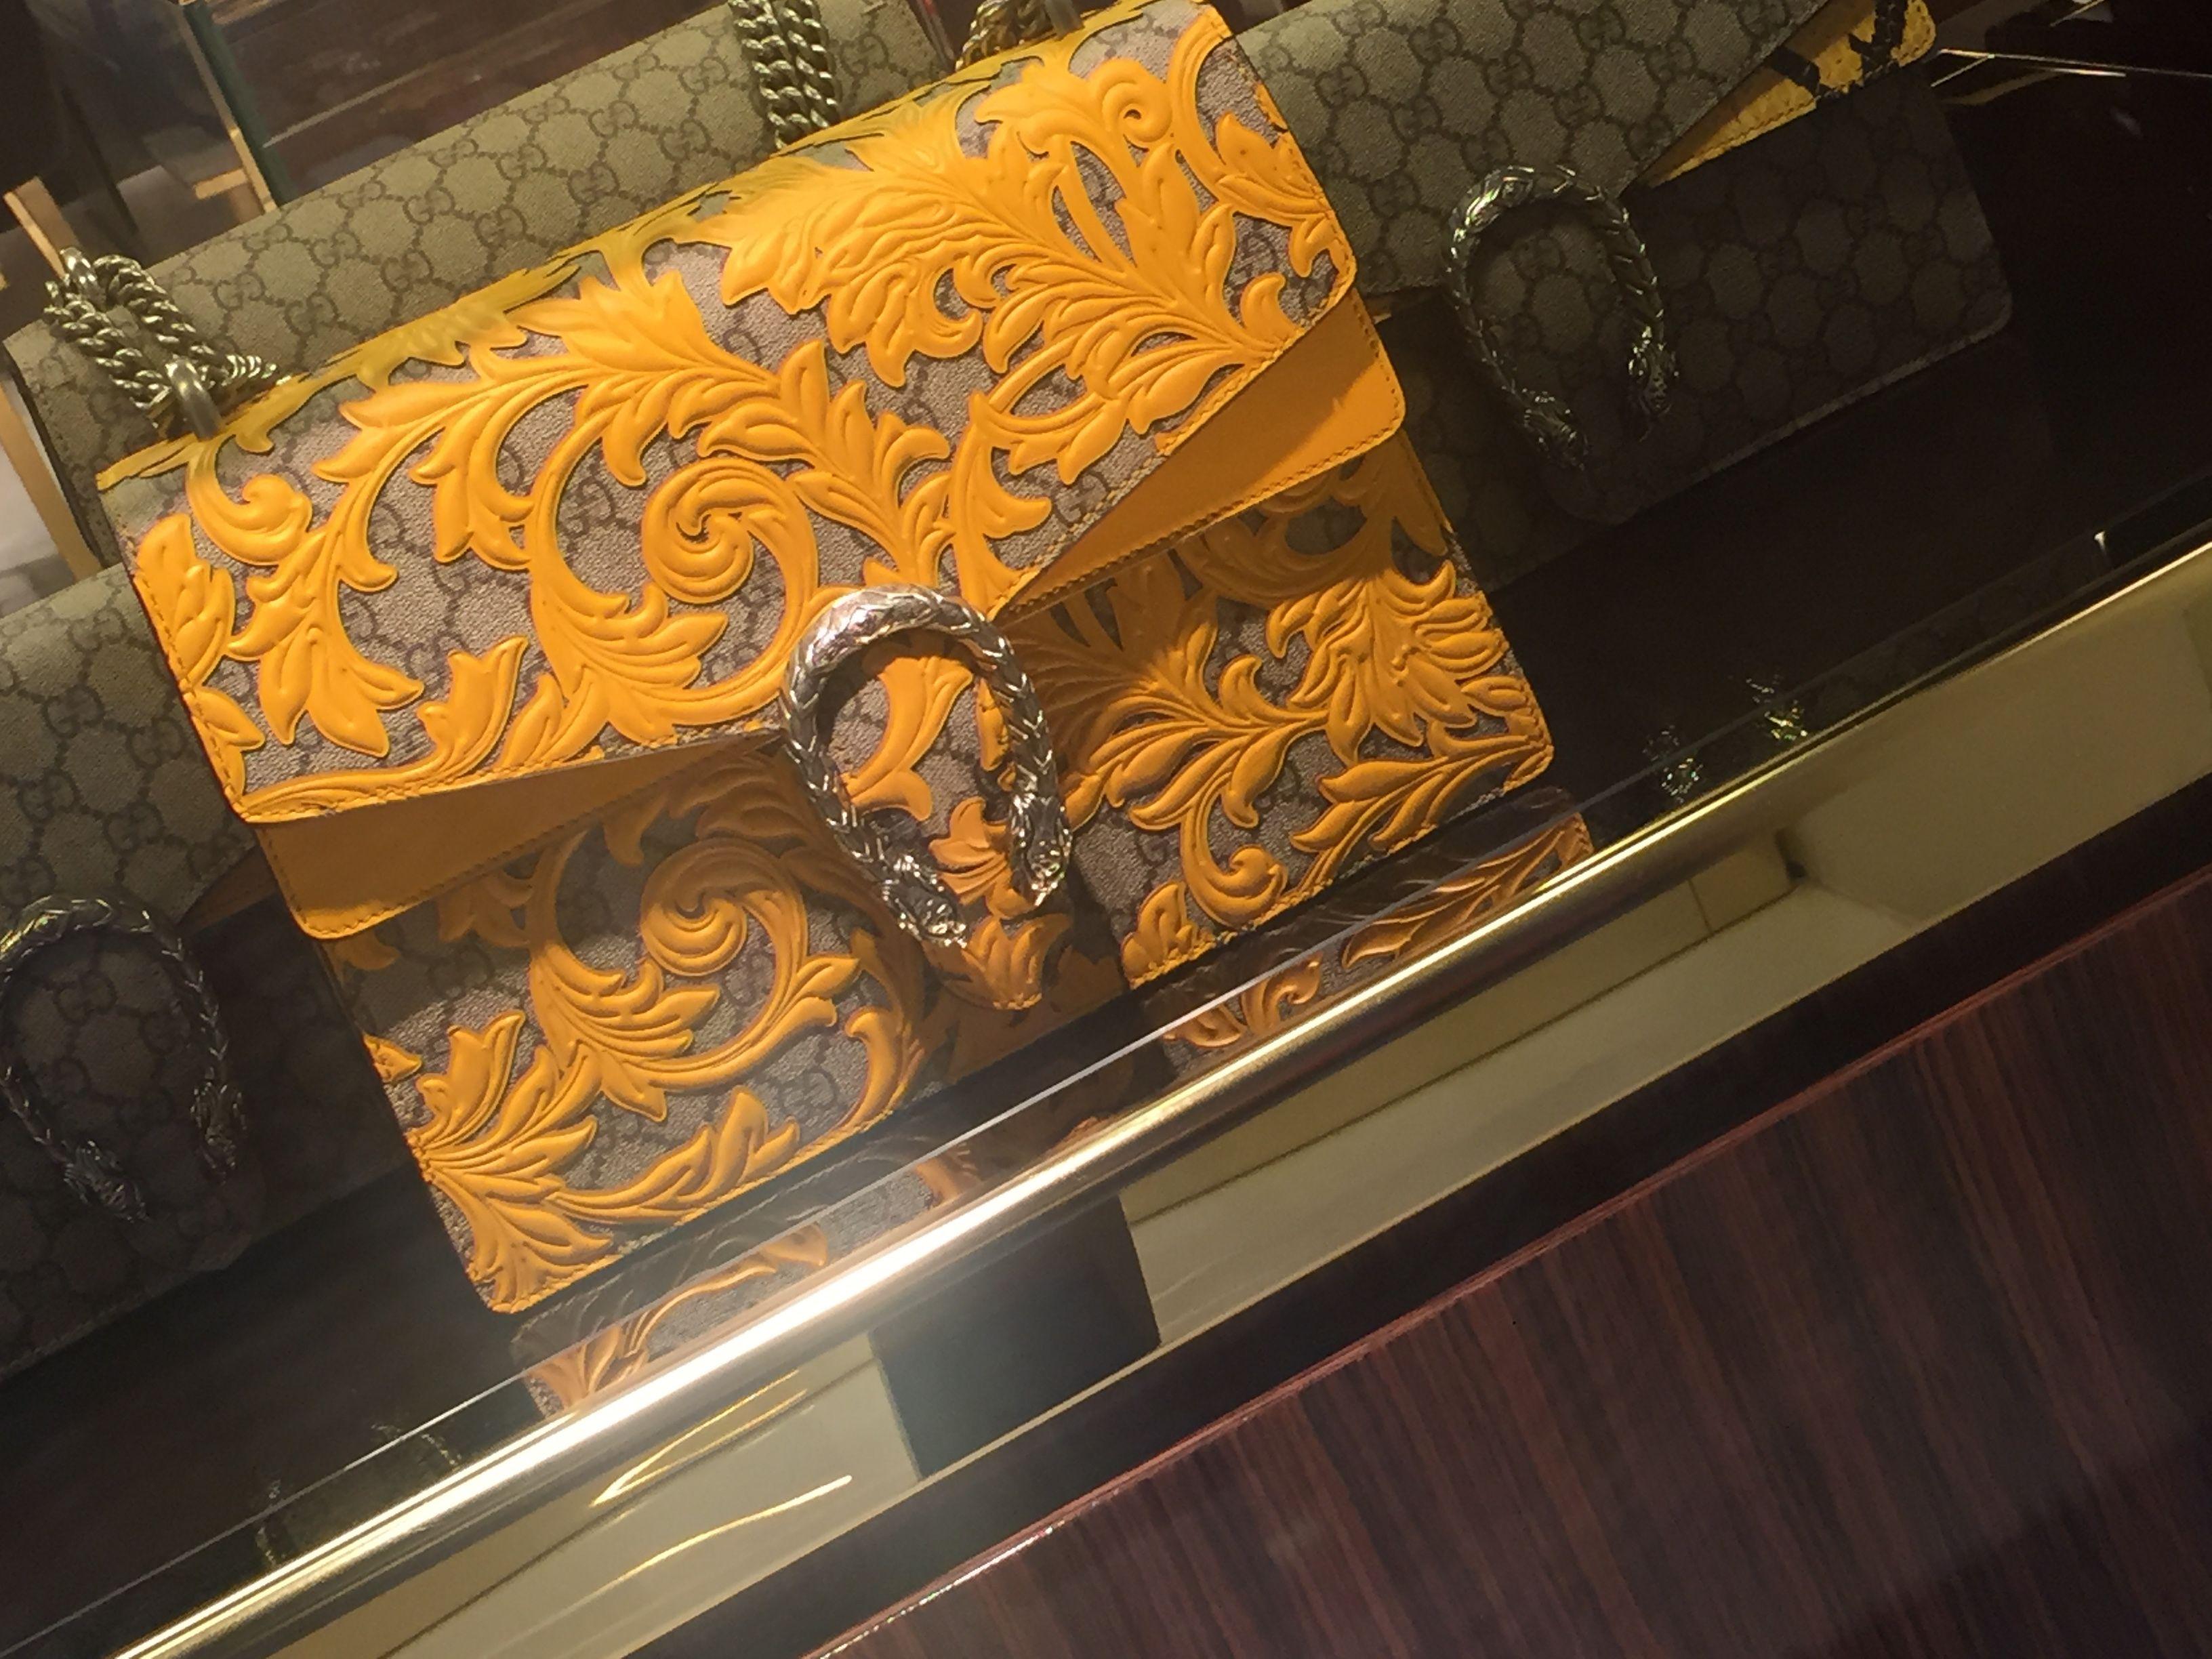 Pin de Irene Mora Gragera en Cestas y bolsos   Pinterest   Cestas y ... 37af90b256